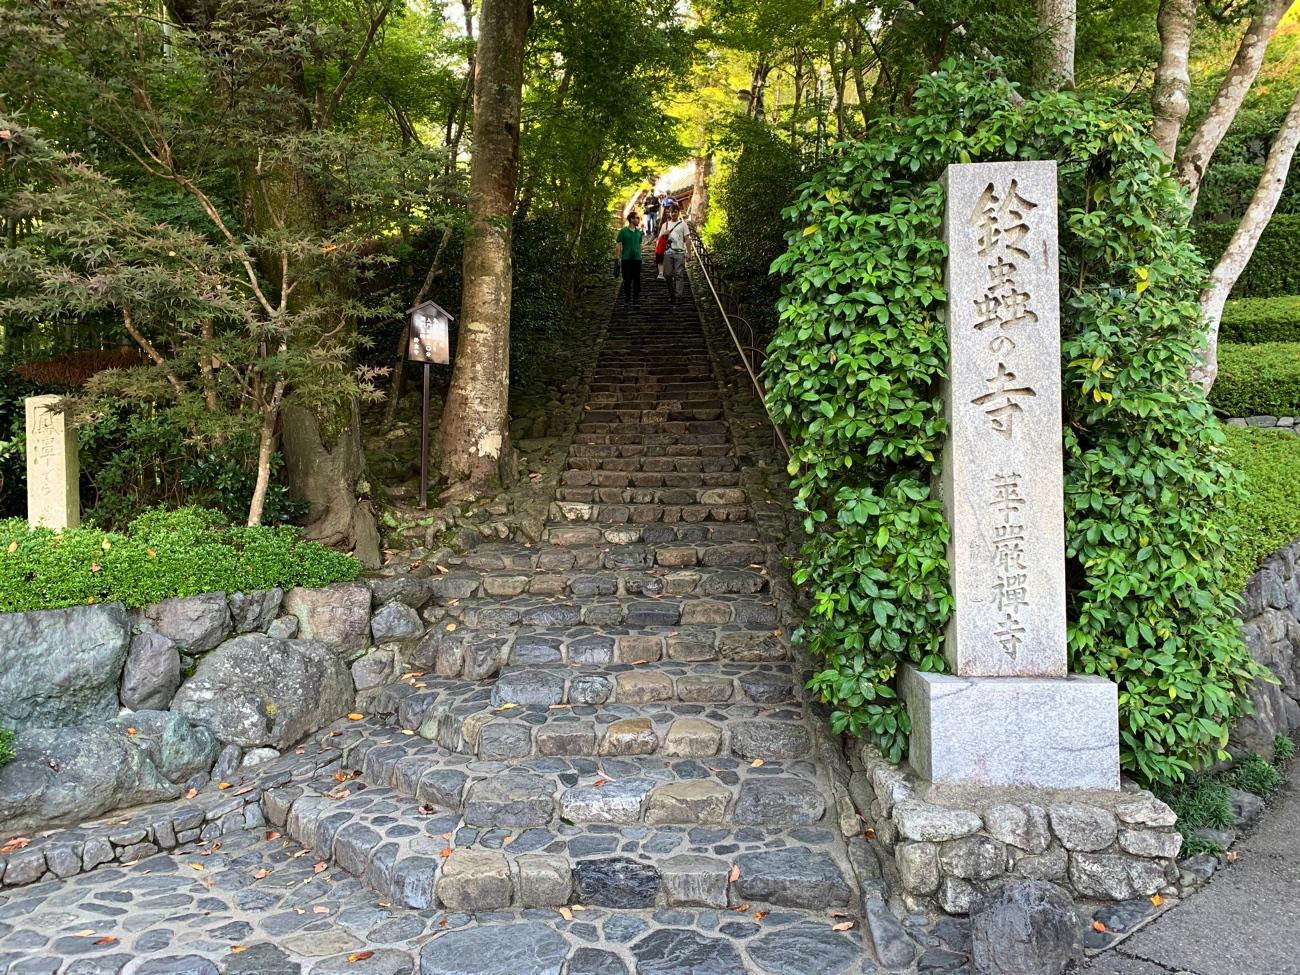 鈴虫寺の石碑